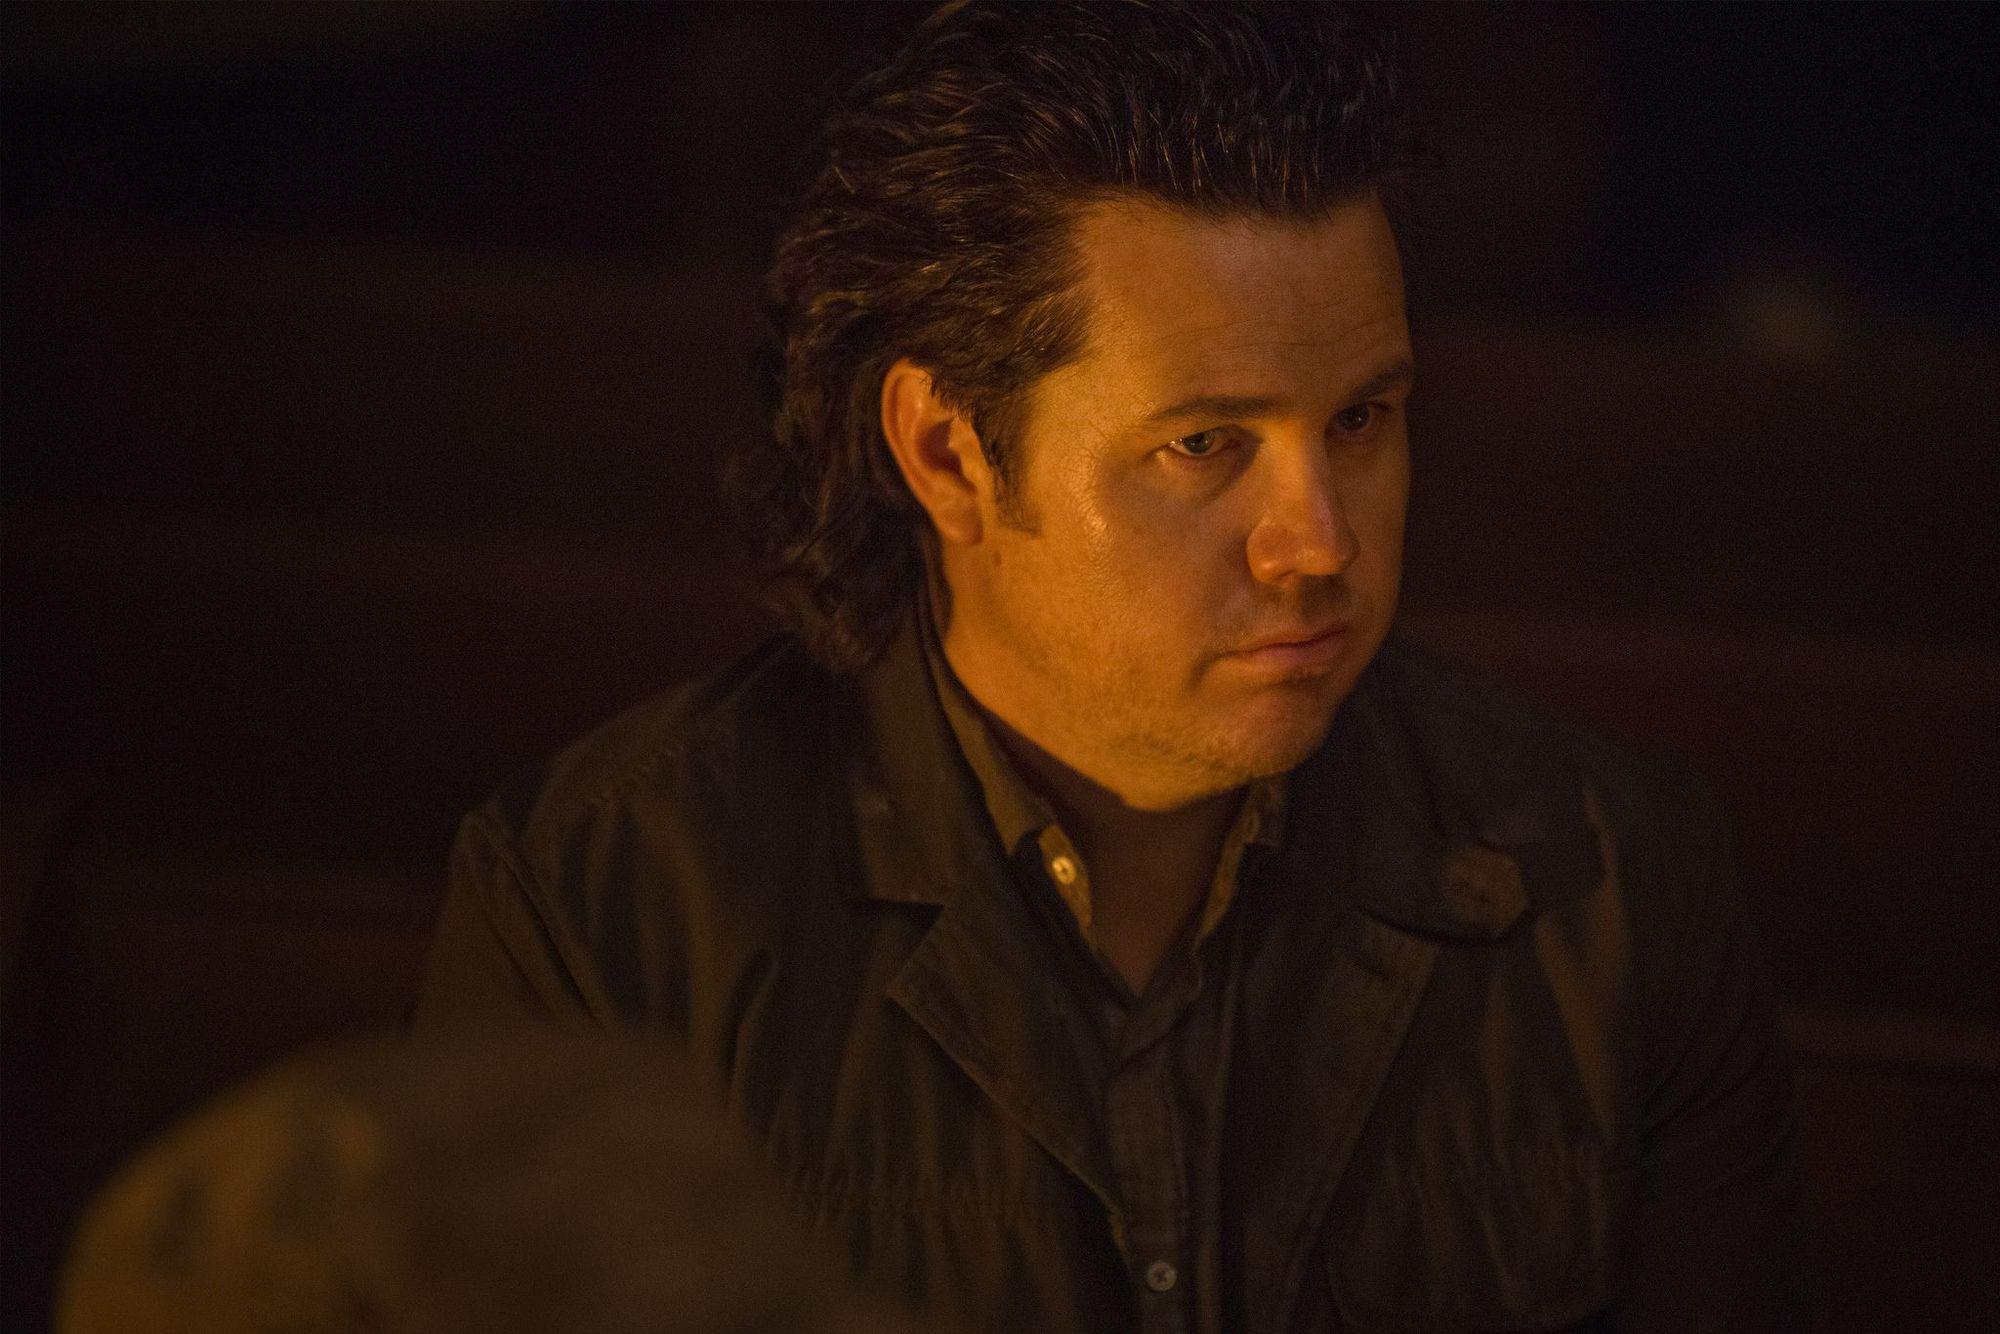 Eugene-The-Walking-Dead-Strangers-002